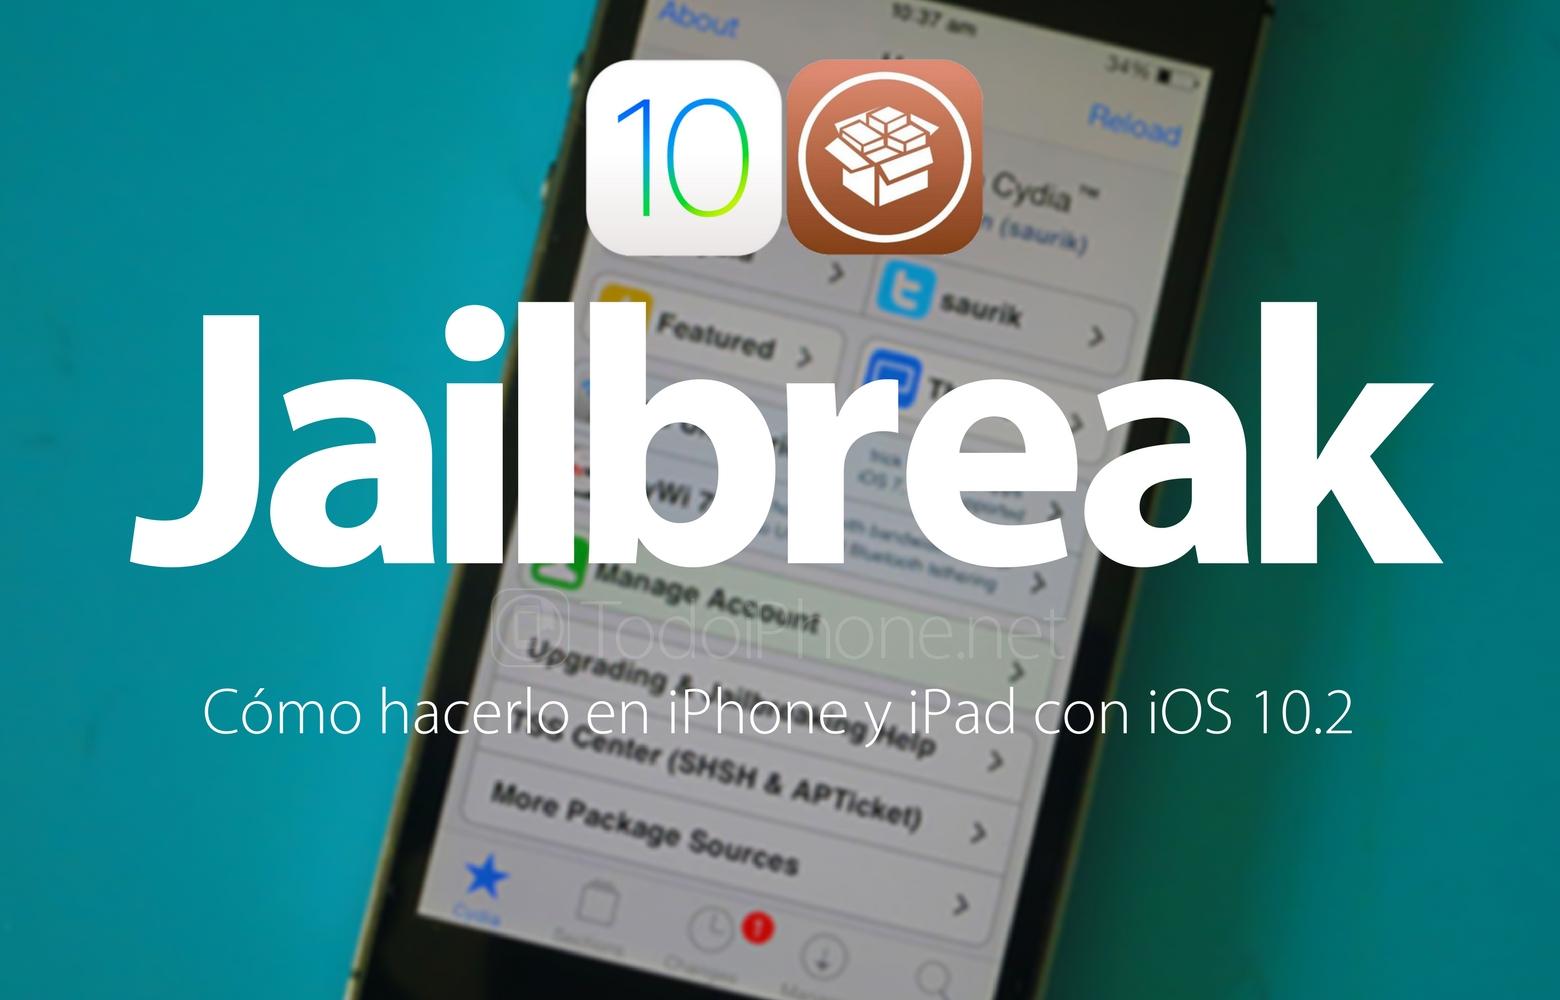 Cómo hacer el Jailbreak al iPhone, iPad y iPod touch con iOS 10.2